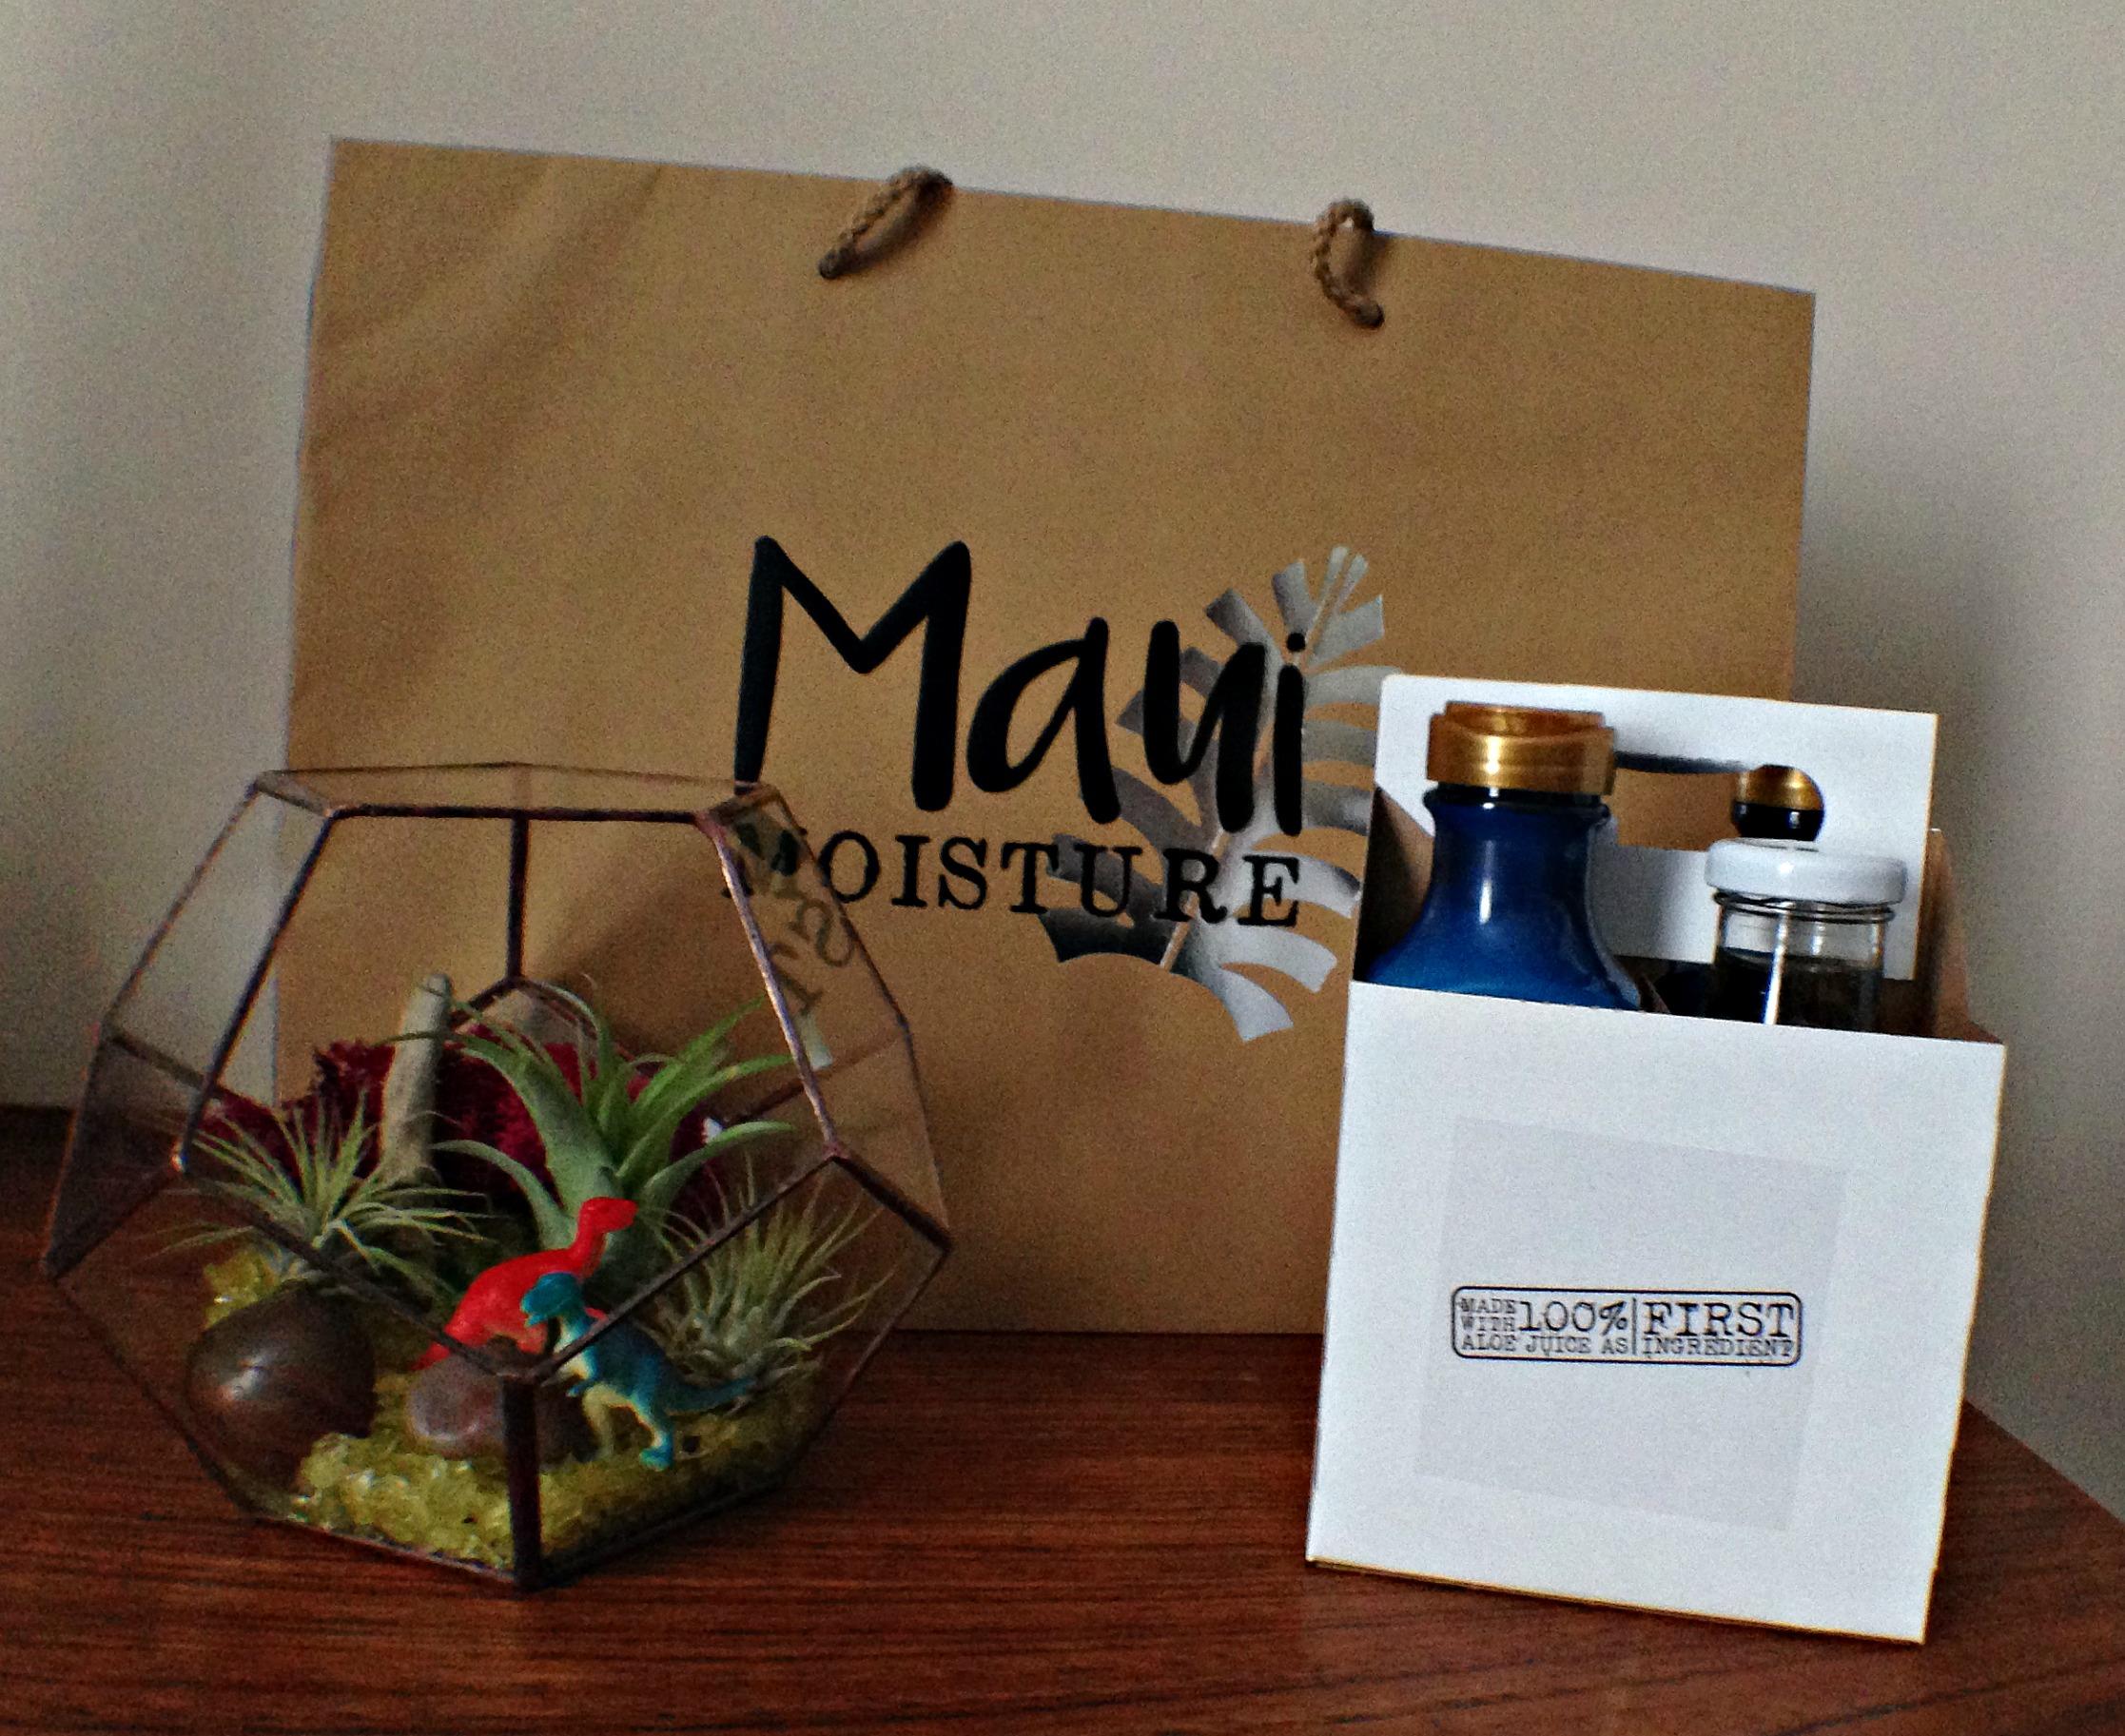 Maui Moisture